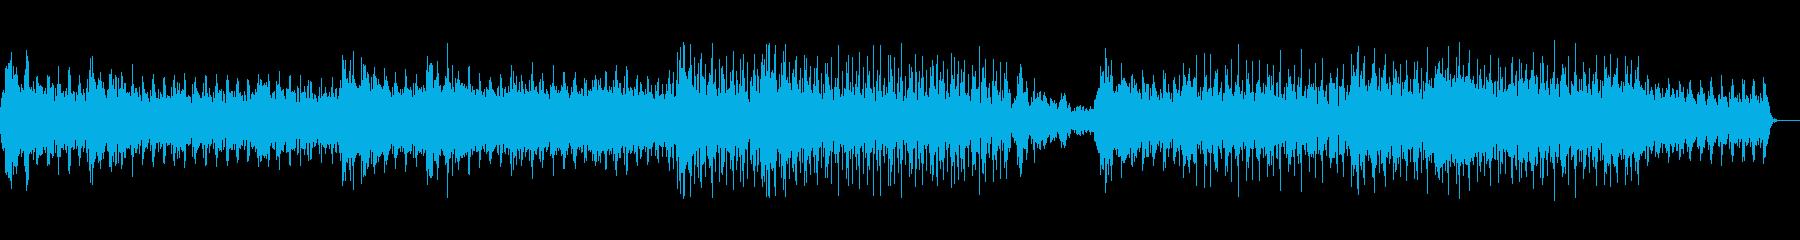 氷穴を冒険するようなイメージBGMの再生済みの波形